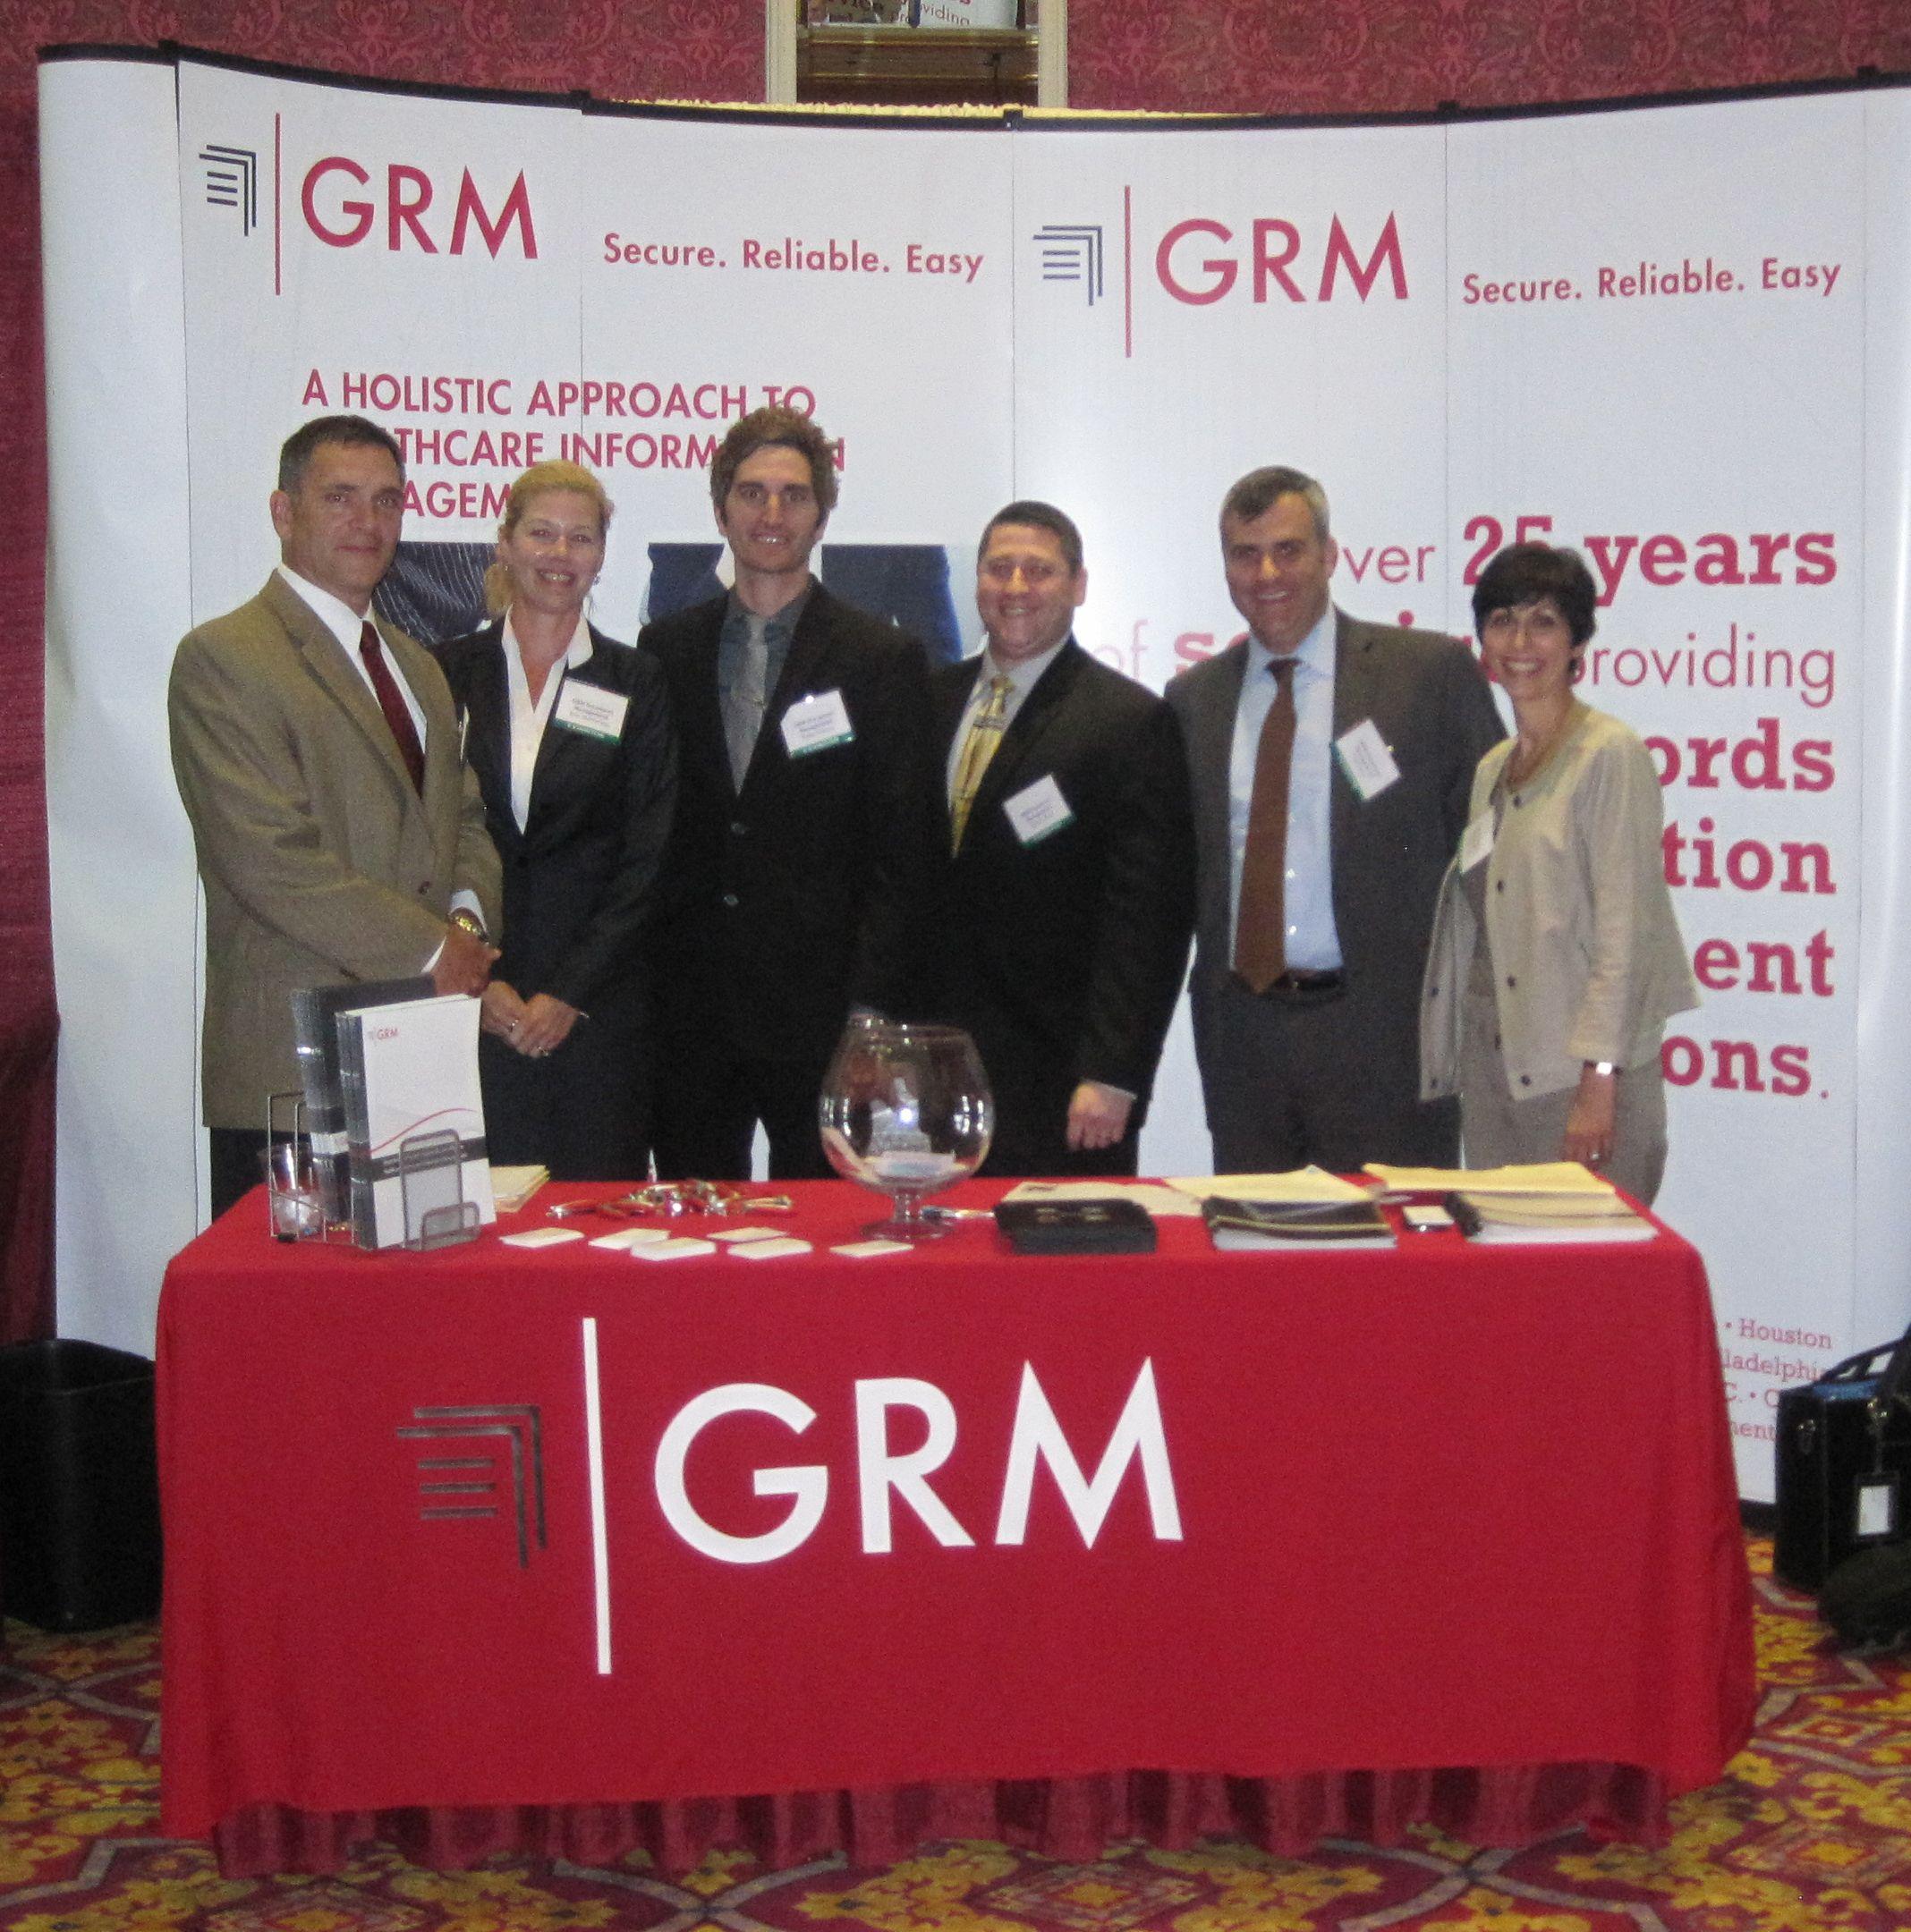 GRM team NJHIMA Holistic approach, Trade show, Company